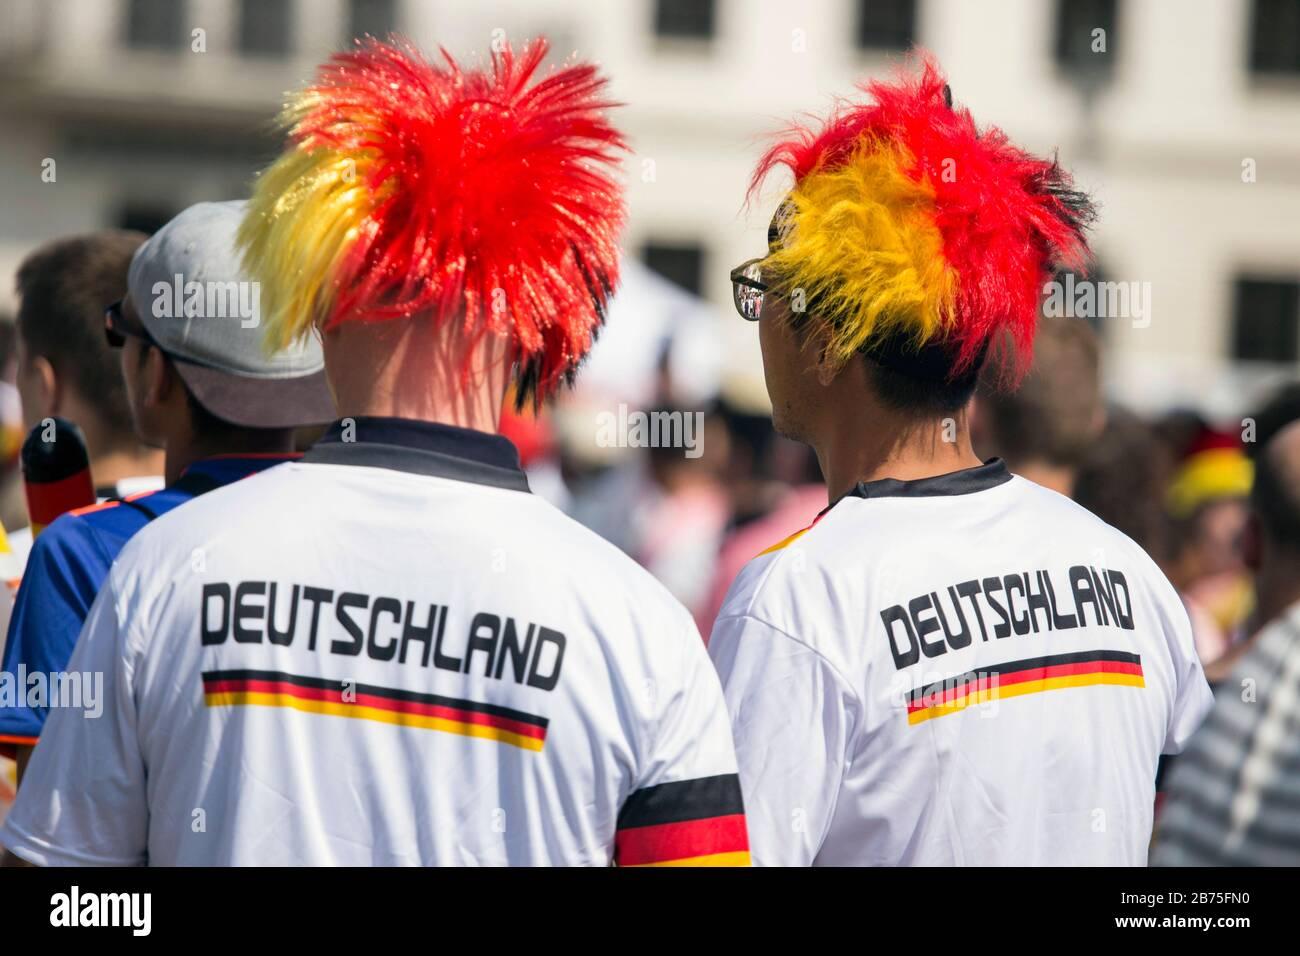 Deutschland Fan Box Fahne Fan Schal Cap